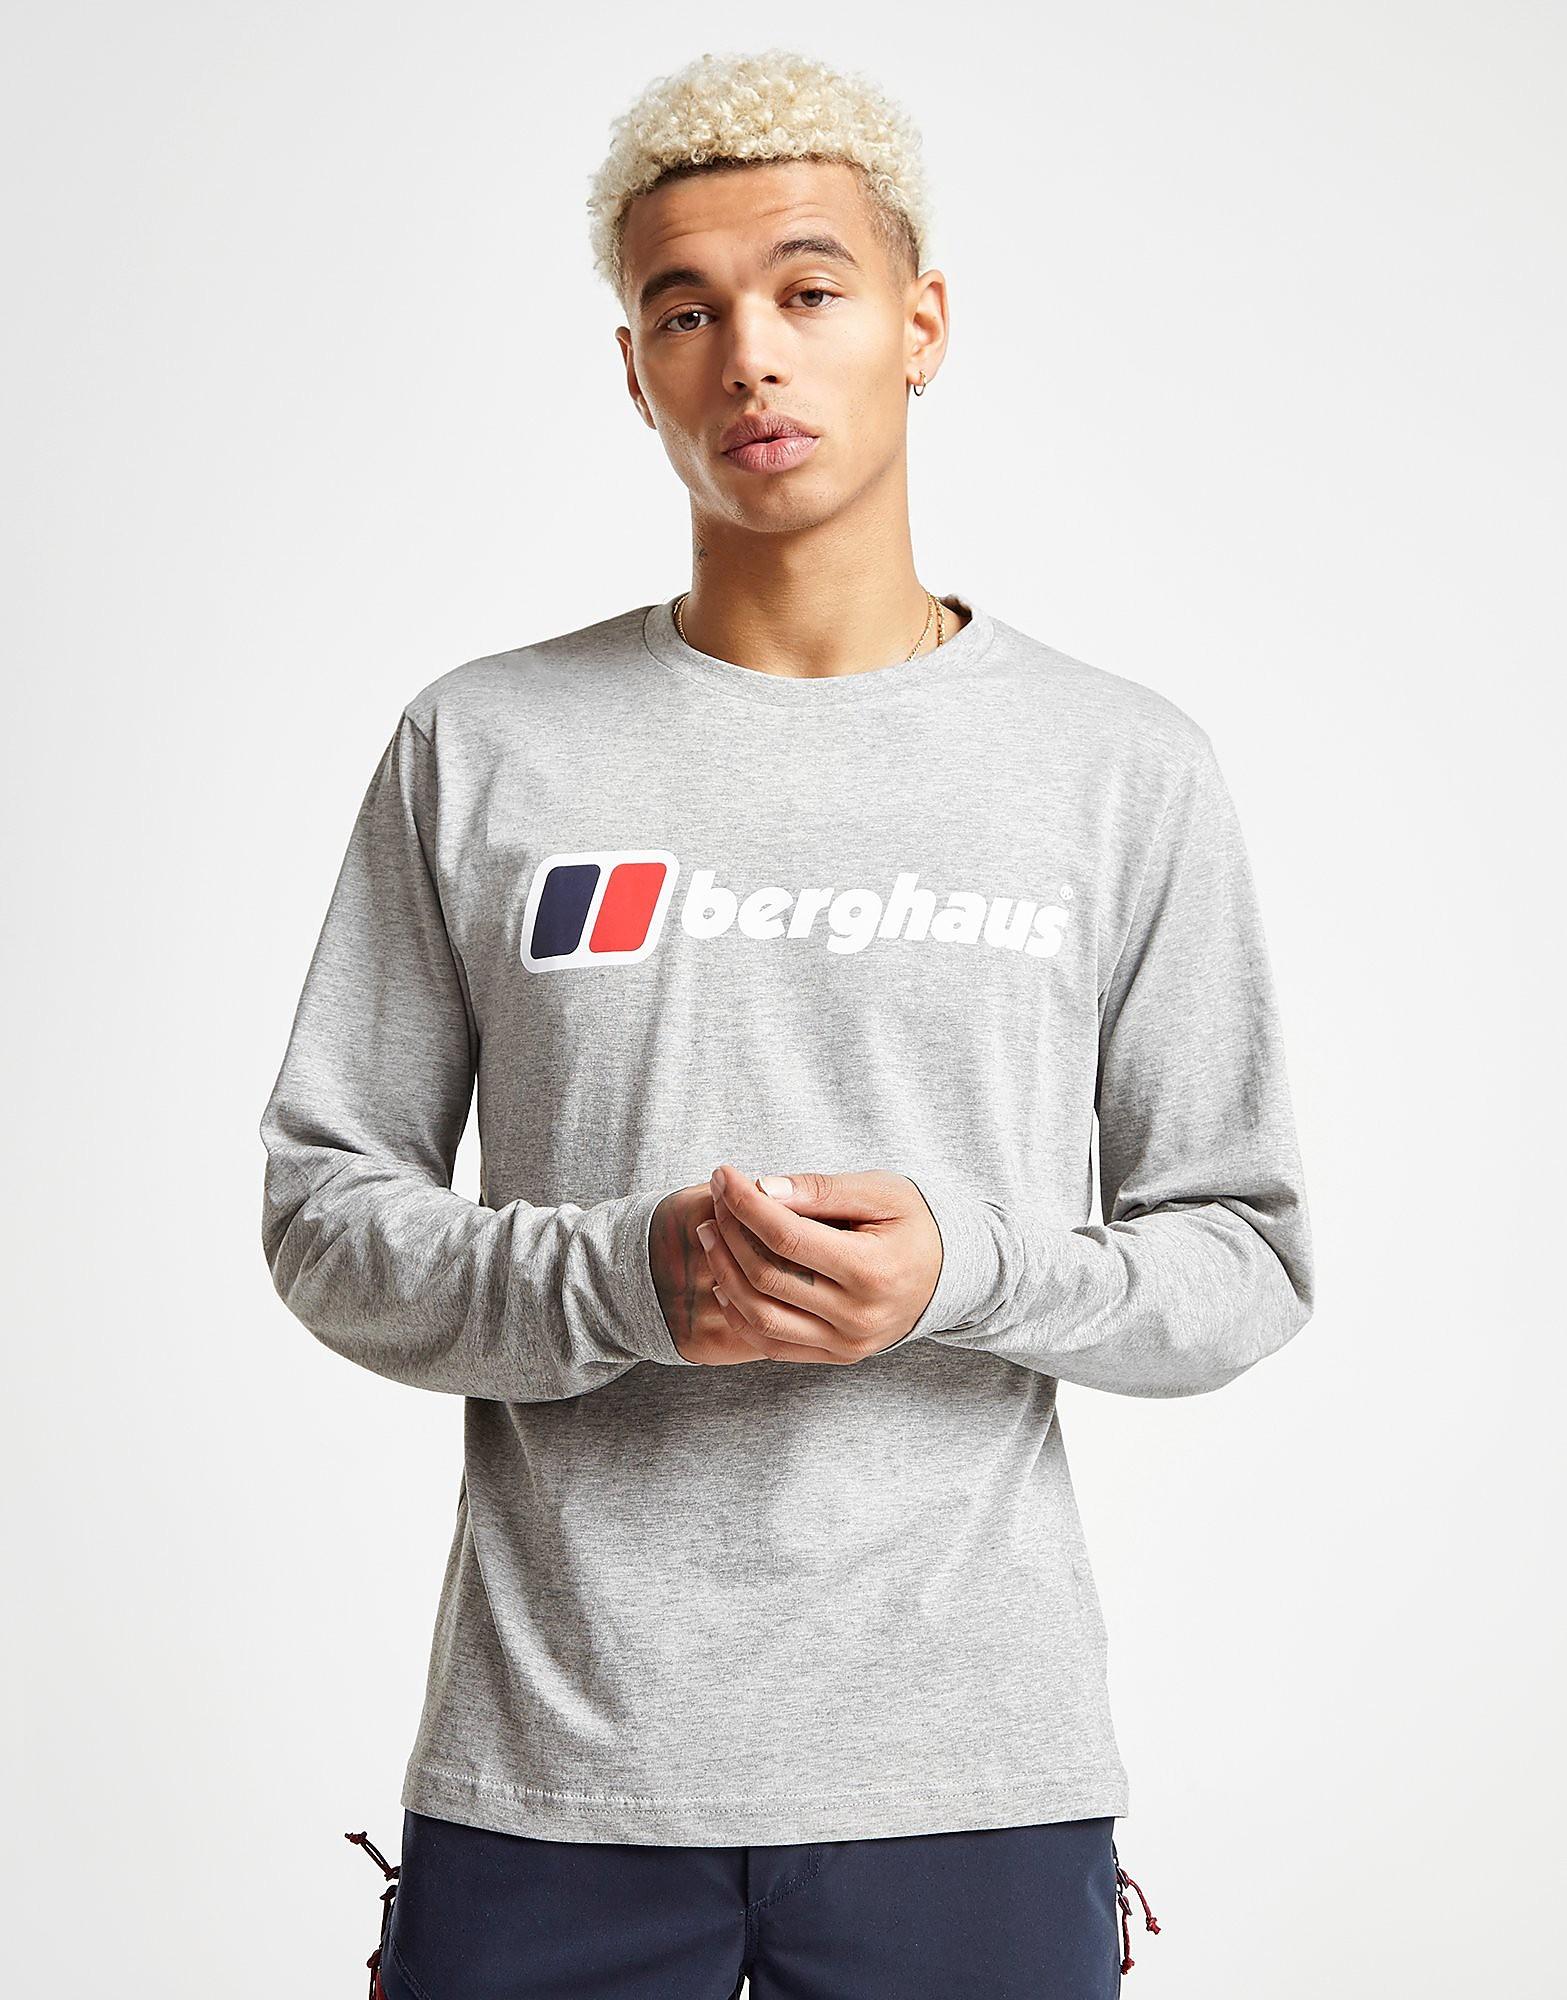 Berghaus Blocks Long Sleeve T-Shirt Heren - Grijs - Heren